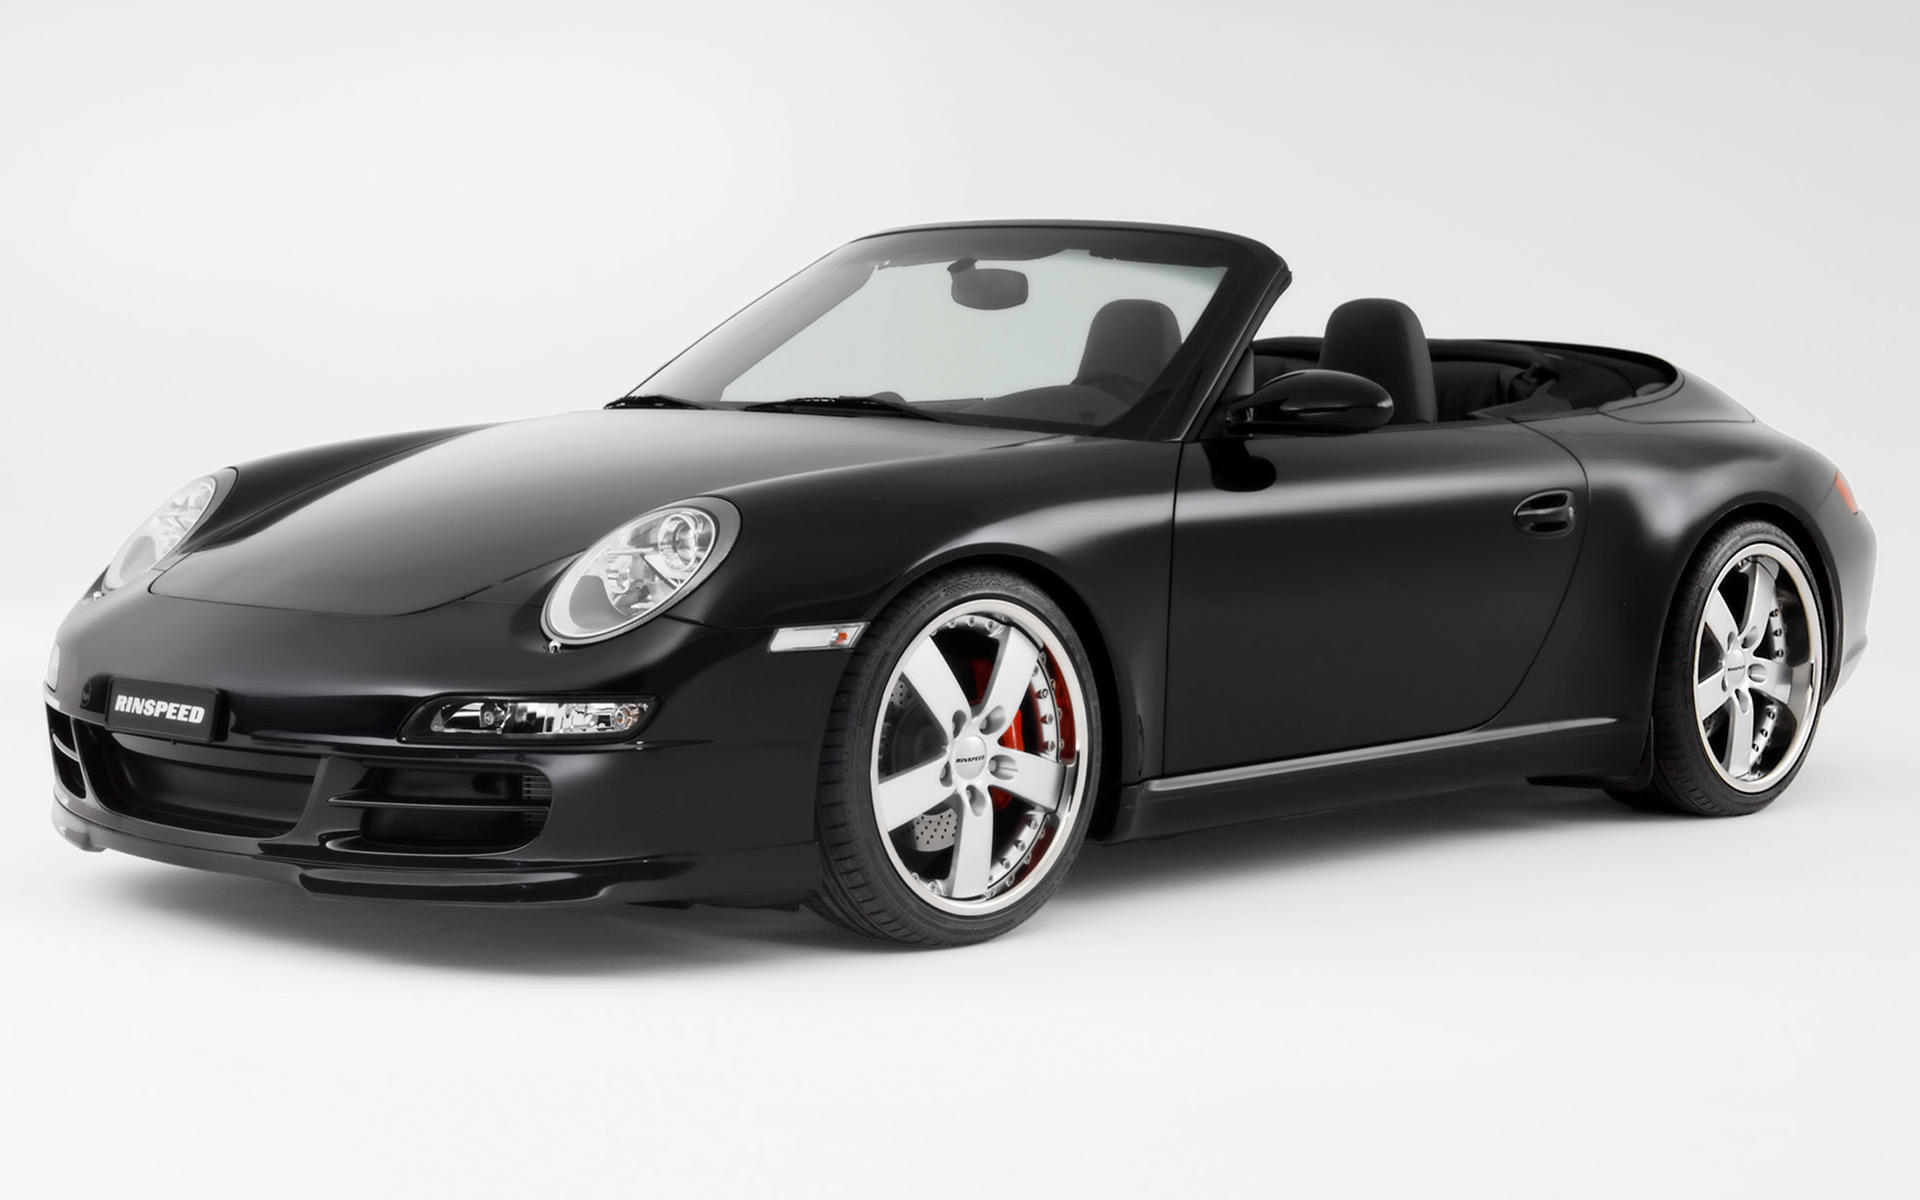 porsche 911 auto technische daten auto spezifikationen kraftstoffverbrauch des fahrzeugs. Black Bedroom Furniture Sets. Home Design Ideas